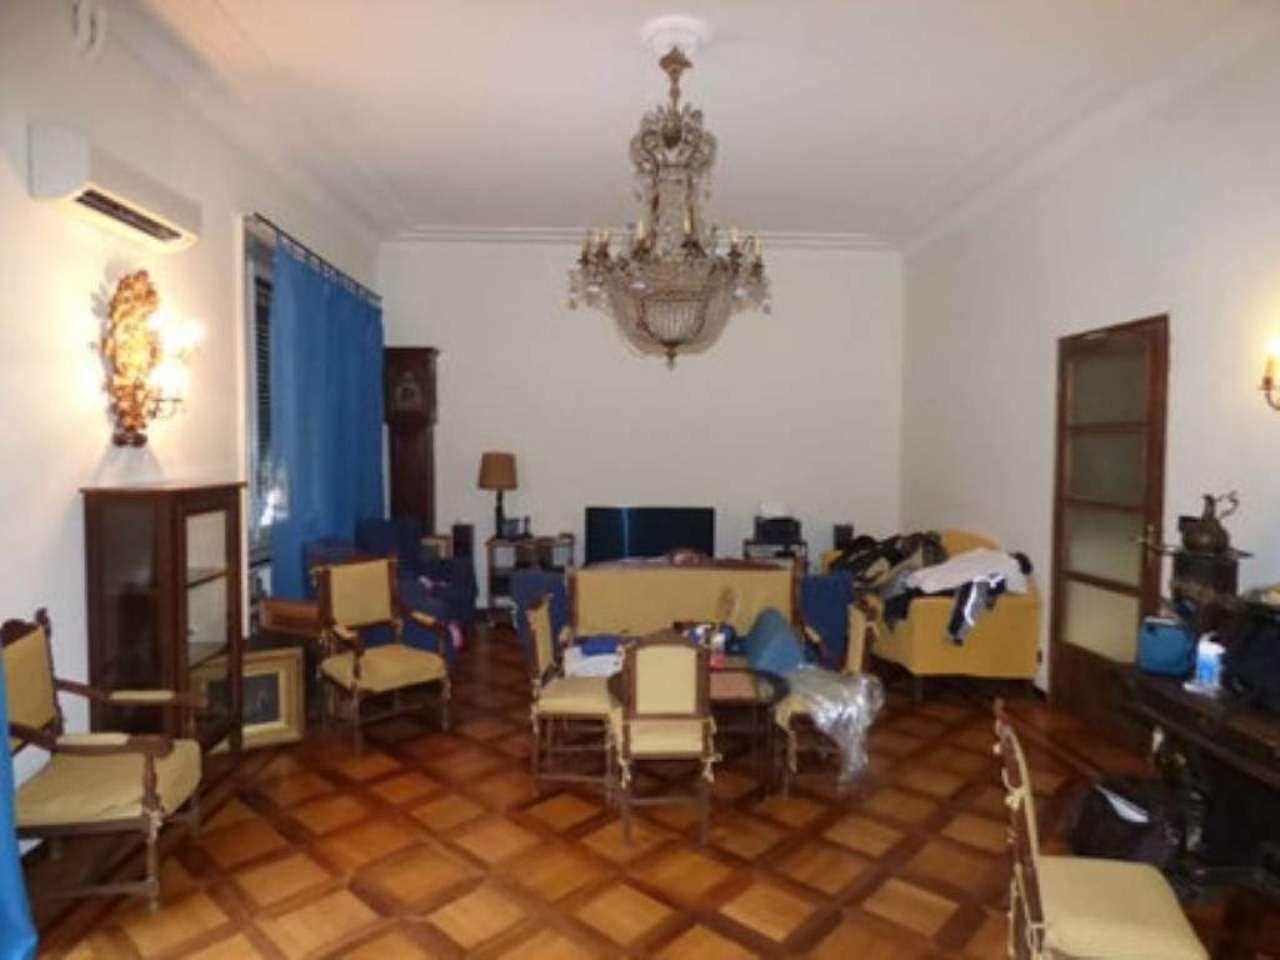 Appartamento in vendita a Torino, 6 locali, zona Zona: 2 . San Secondo, Crocetta, prezzo € 540.000 | Cambio Casa.it